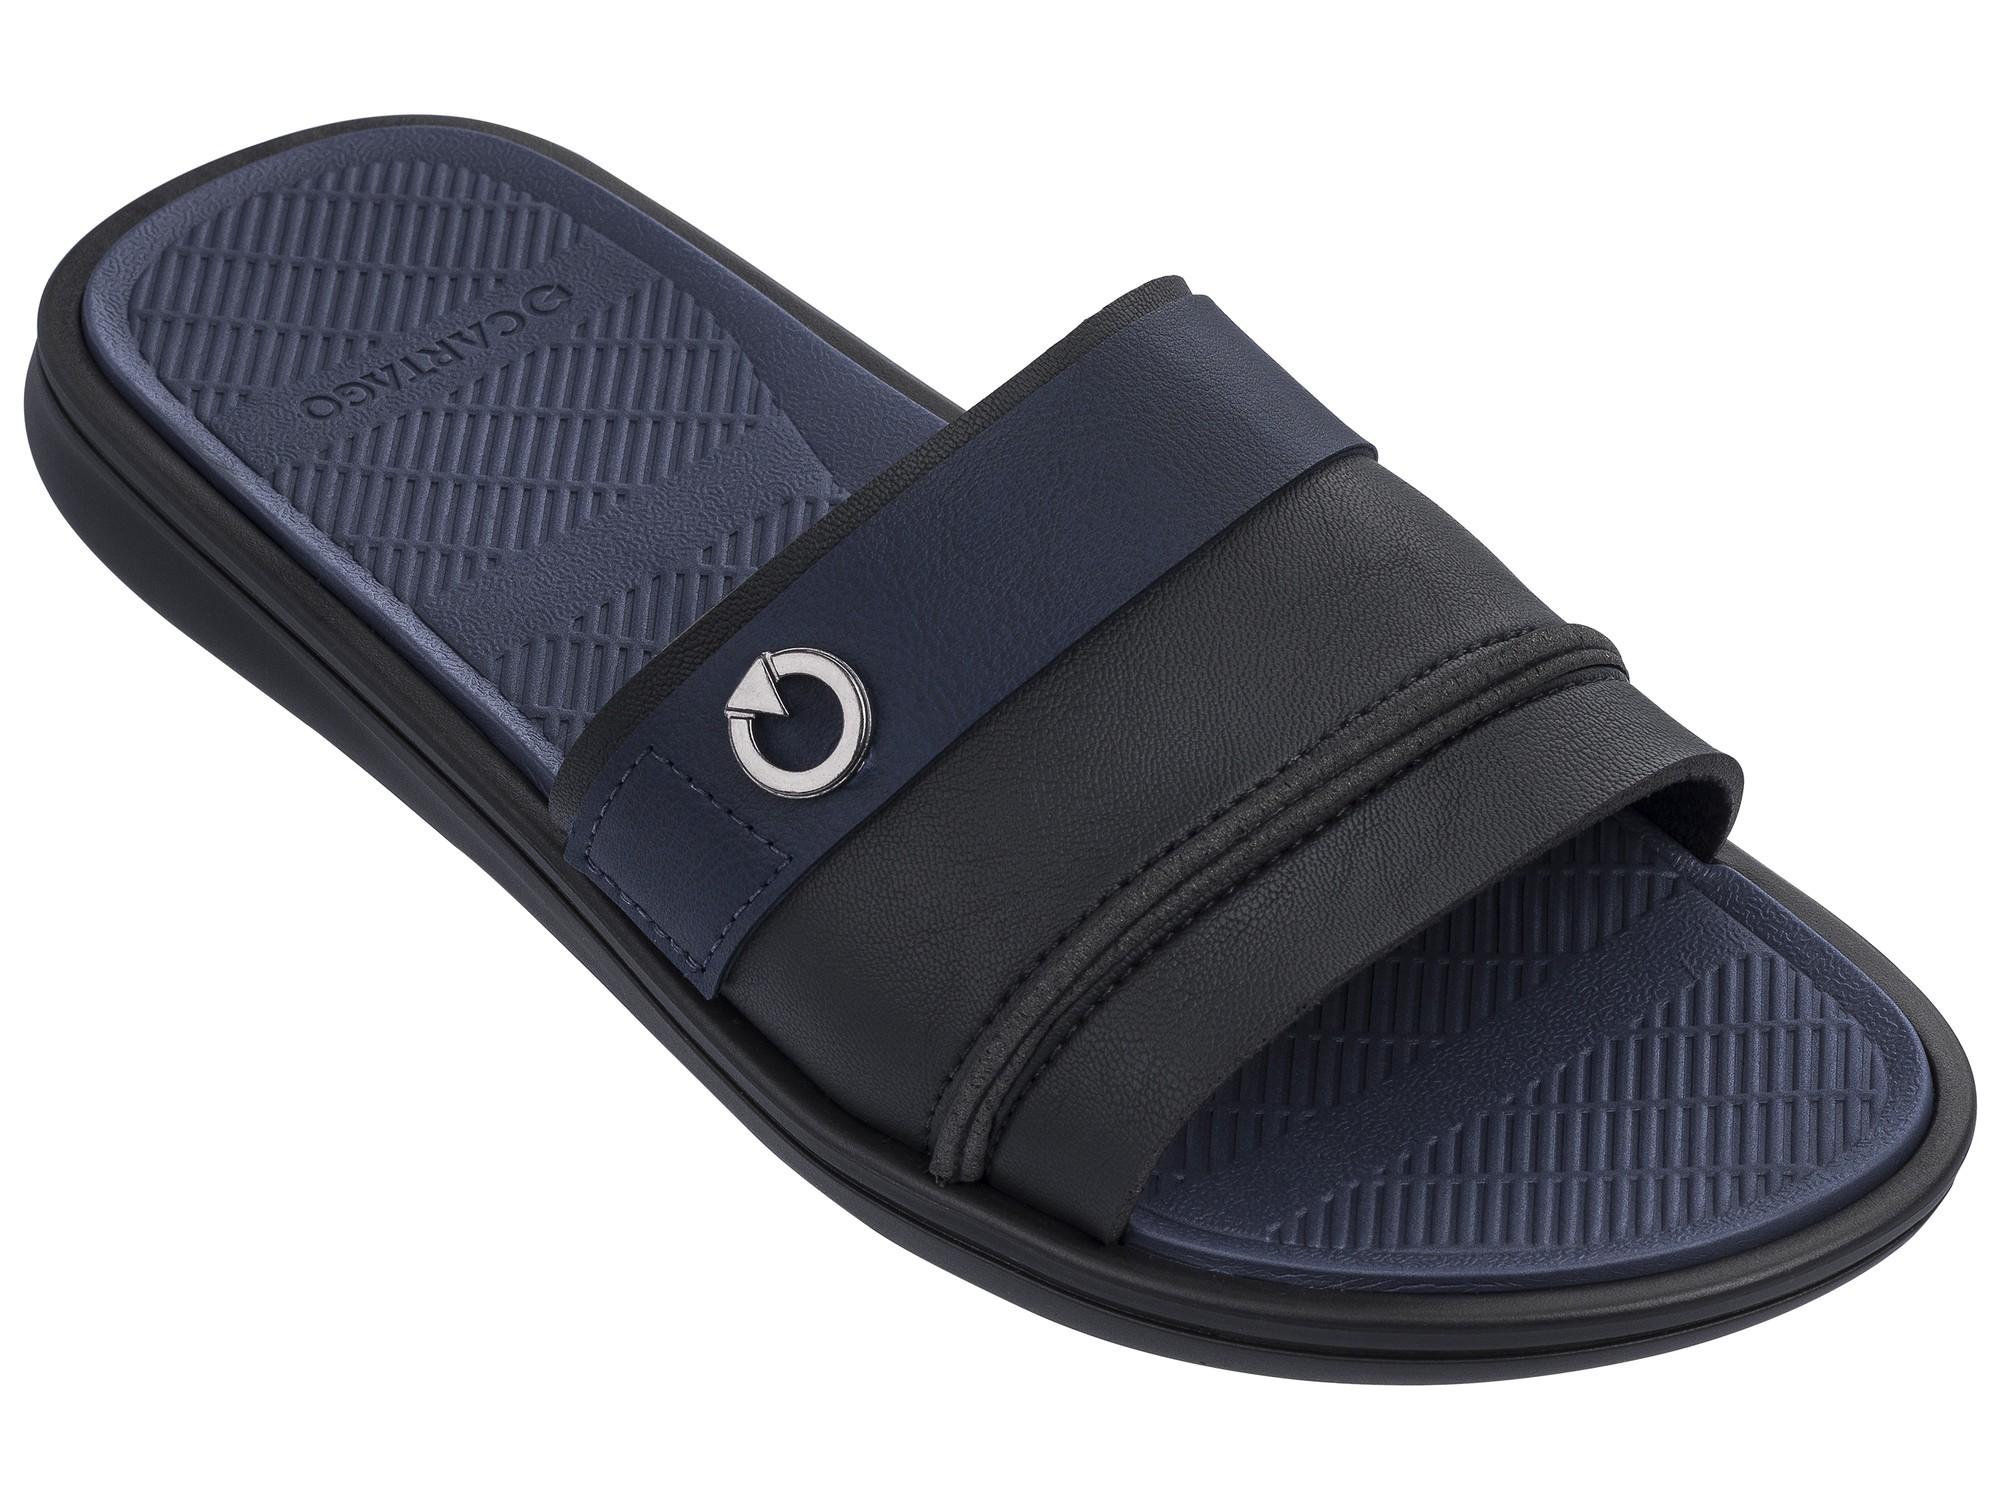 Afbeelding van Cartago Firenze Slippers Heren Black Blue EU 41